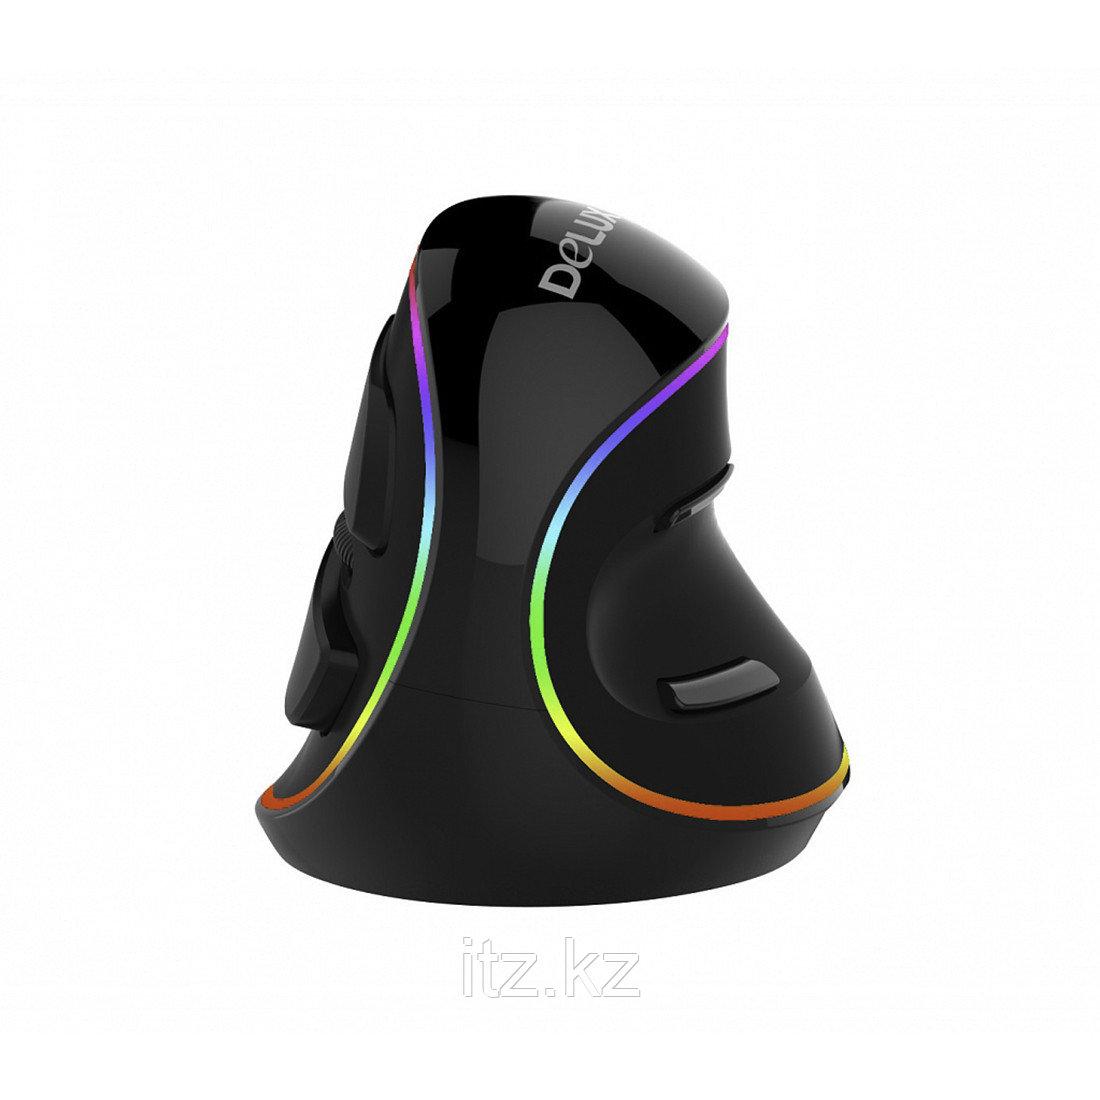 Компьютерная мышь Delux DLM-618OUB Plus